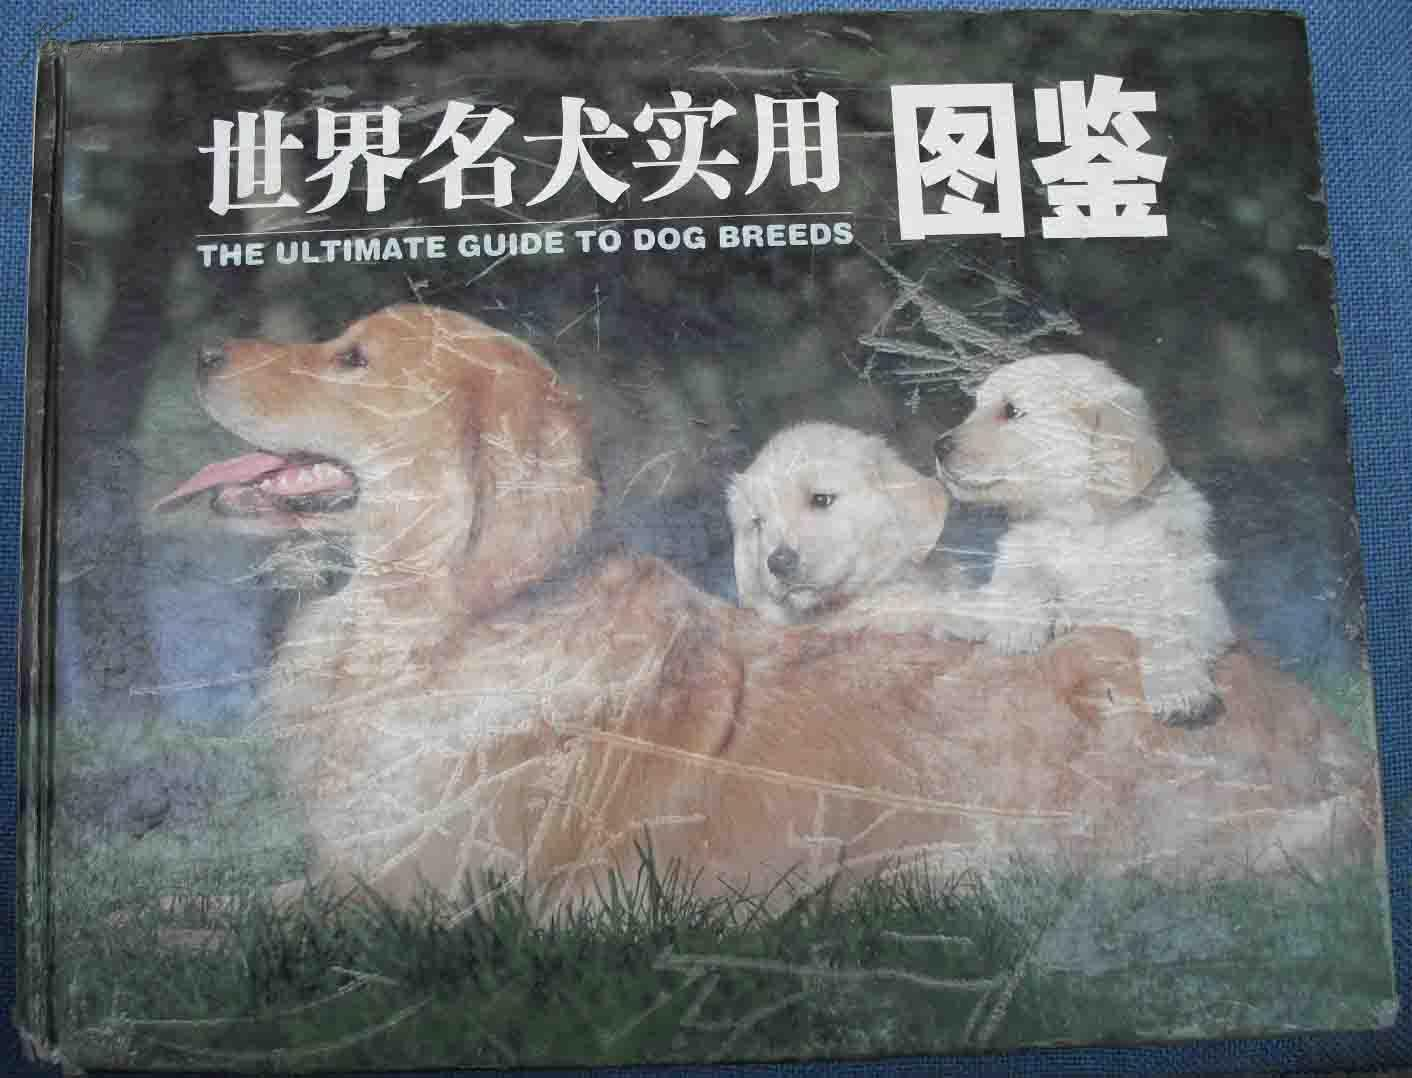 【【世界名犬实用图鉴】】全是狗的图谱